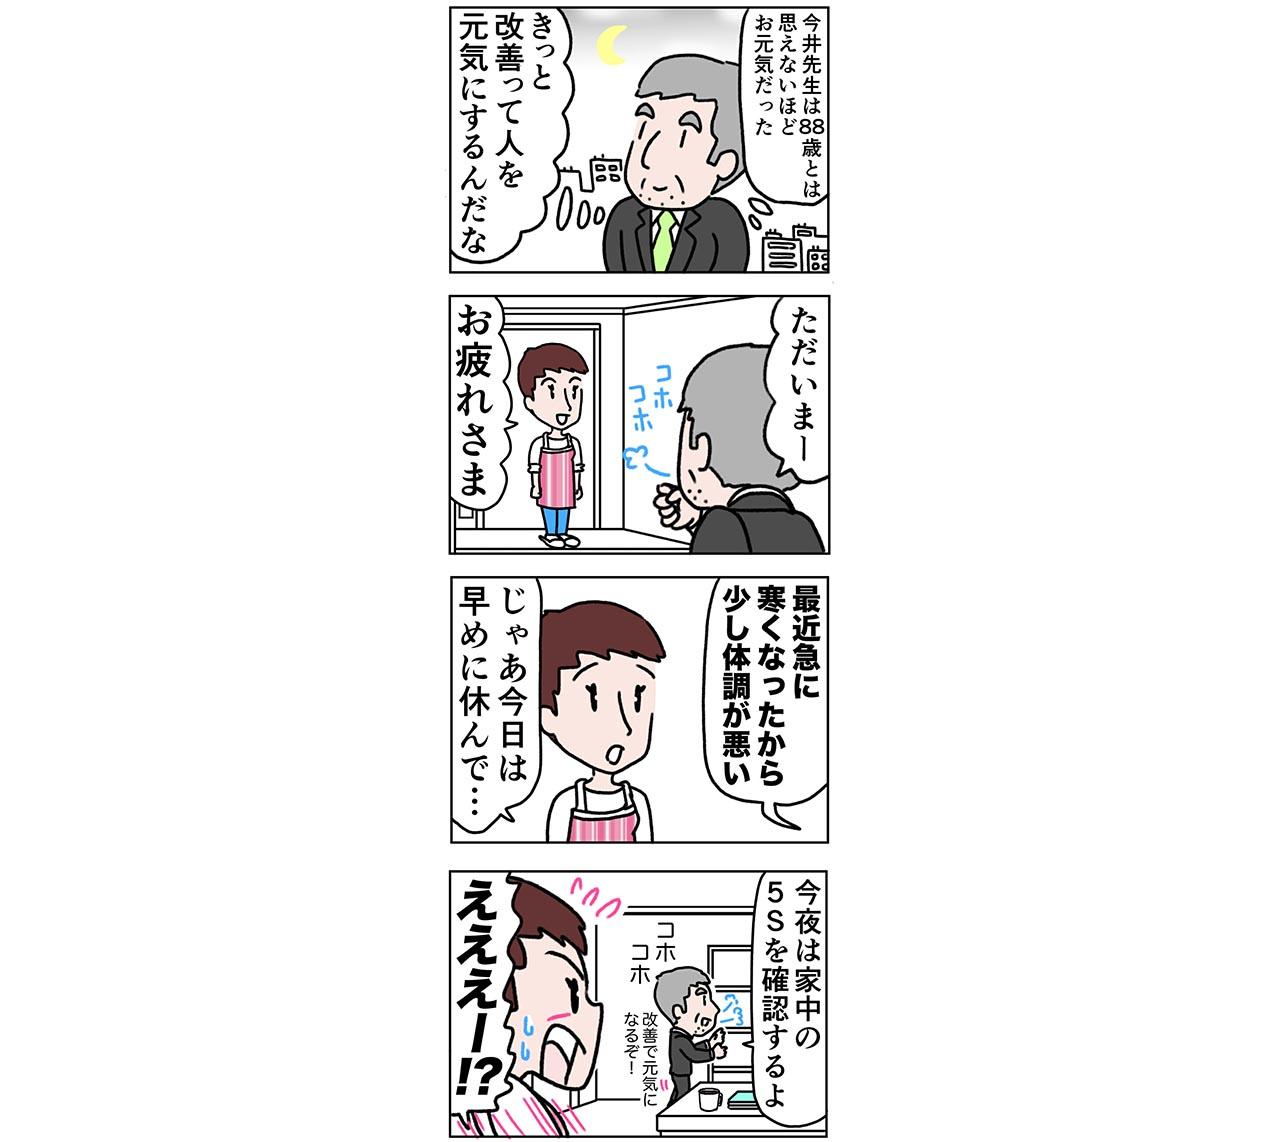 【号外6】第7回日本カイゼンプロジェクトを開催しました。-eye